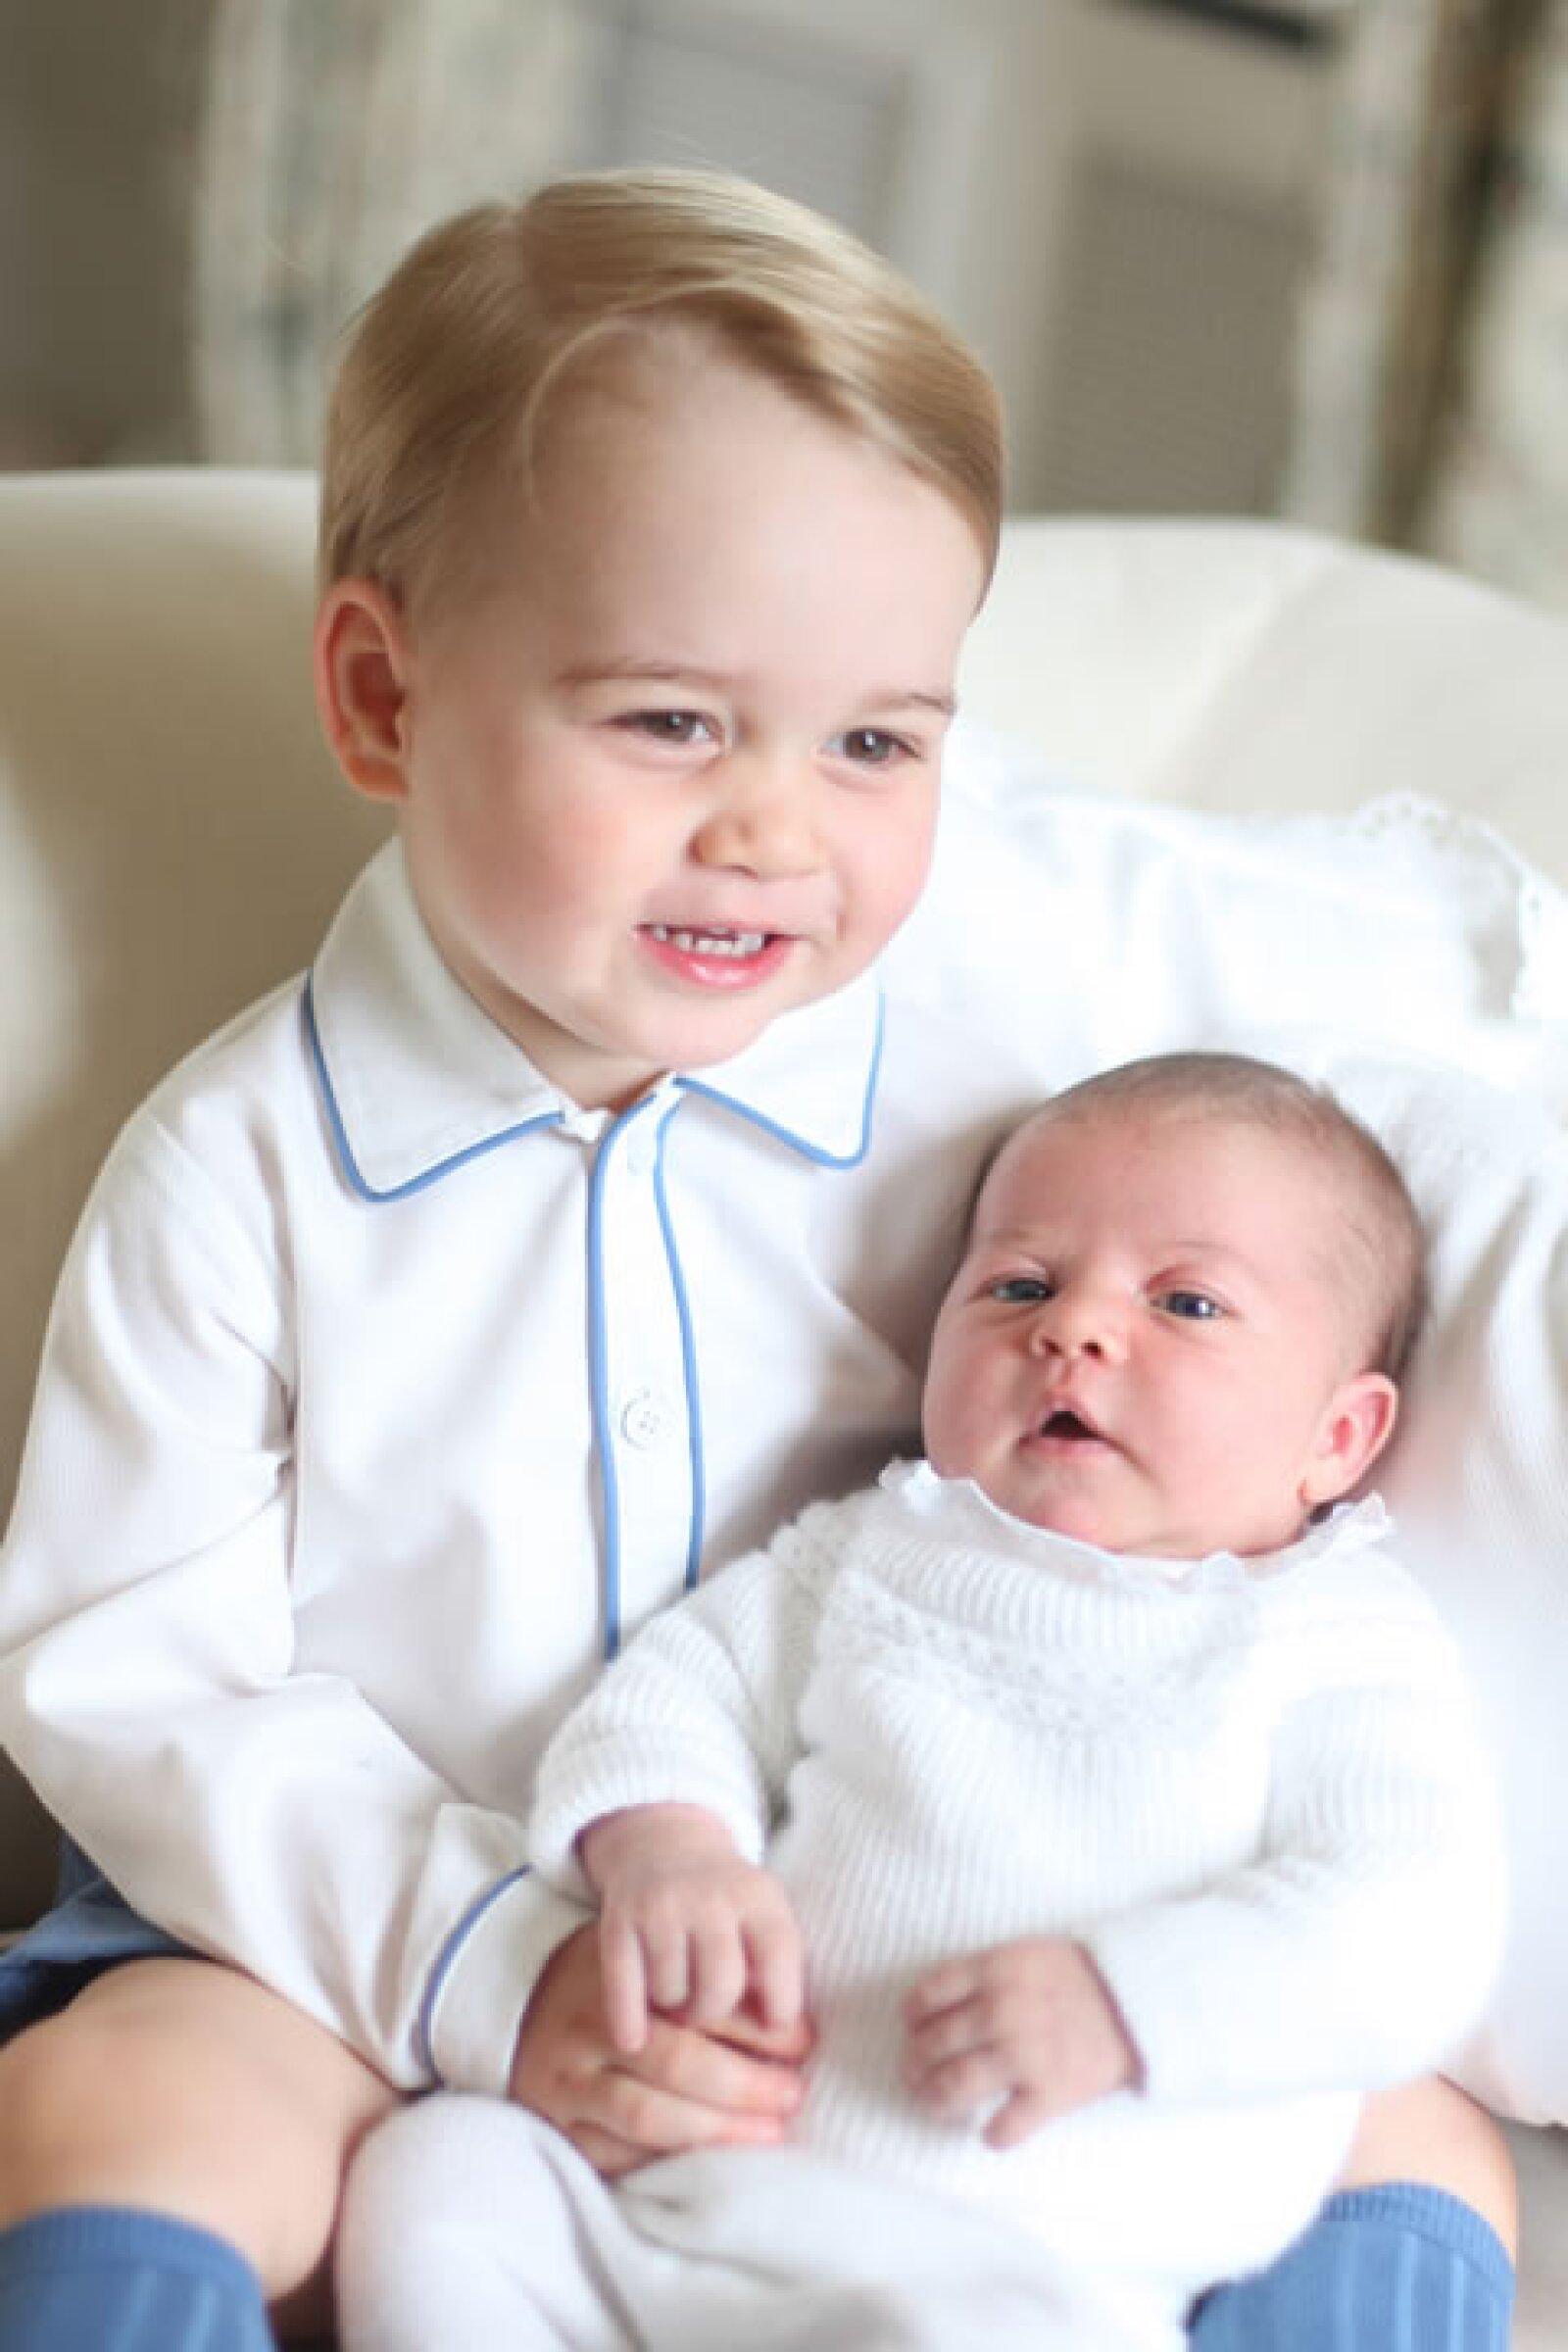 Estas son las primeras fotos oficiales de George y su hermanita Charlotte juntos y fueron tomadas por Kate Middleton.